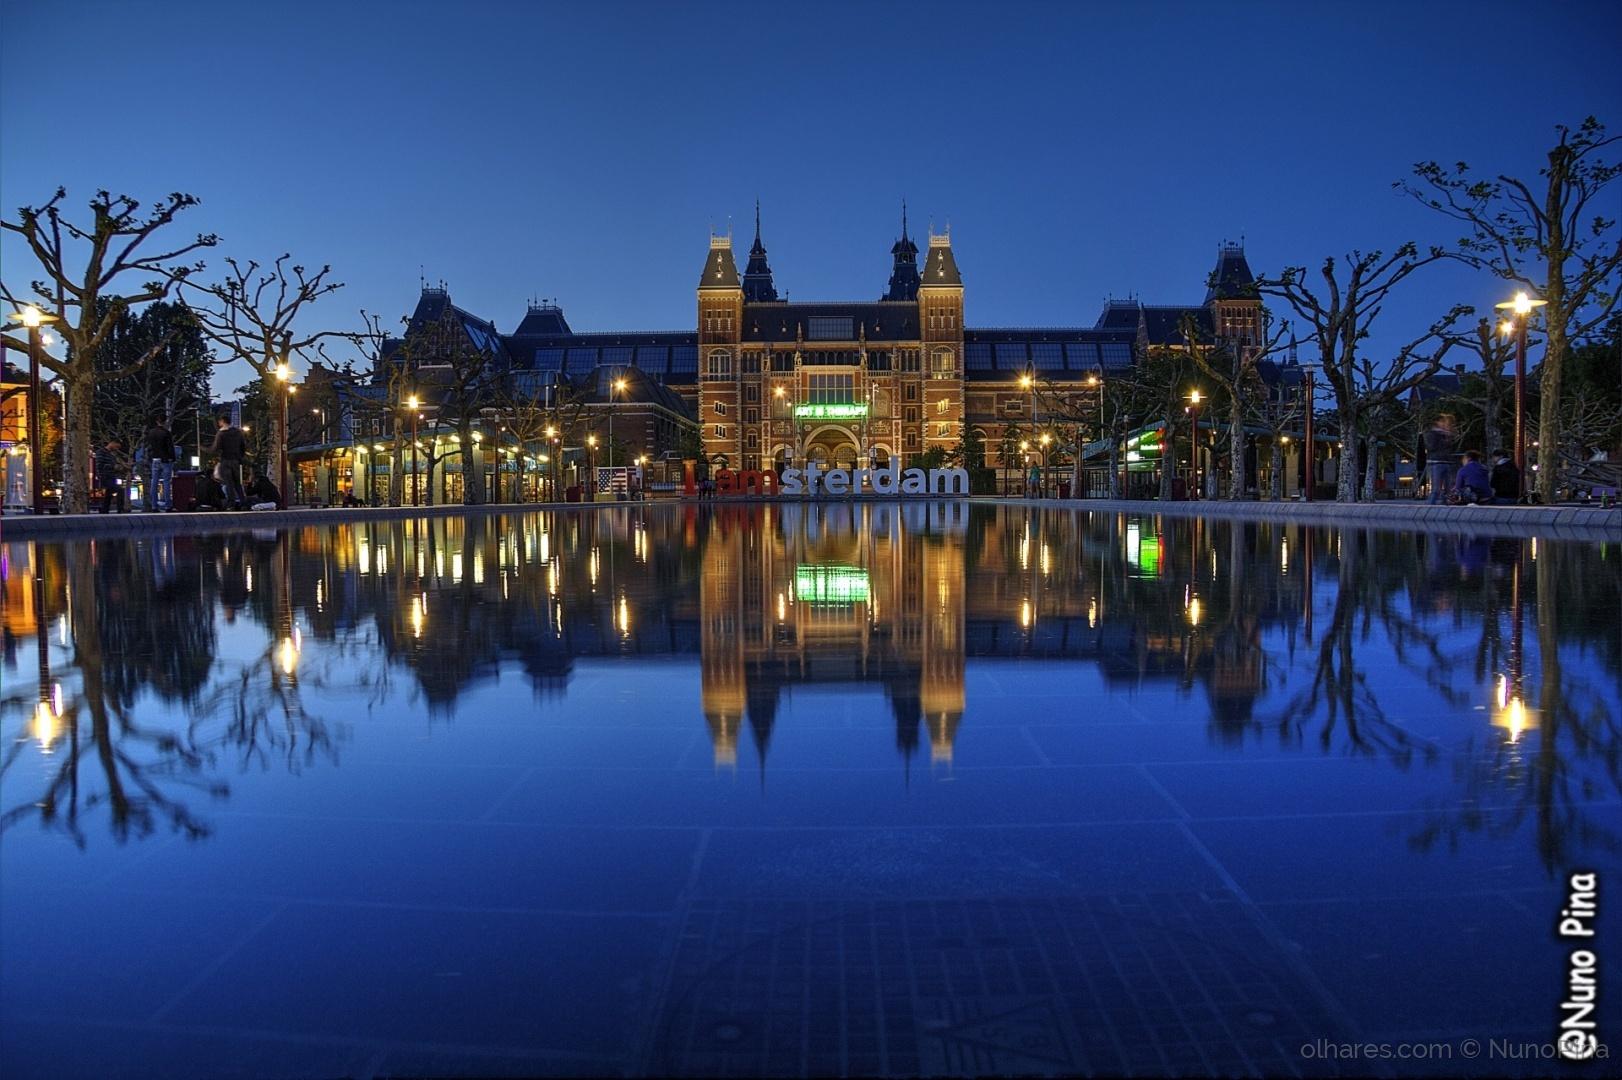 © Nuno Pina - Rijksmuseum, Amsterdam